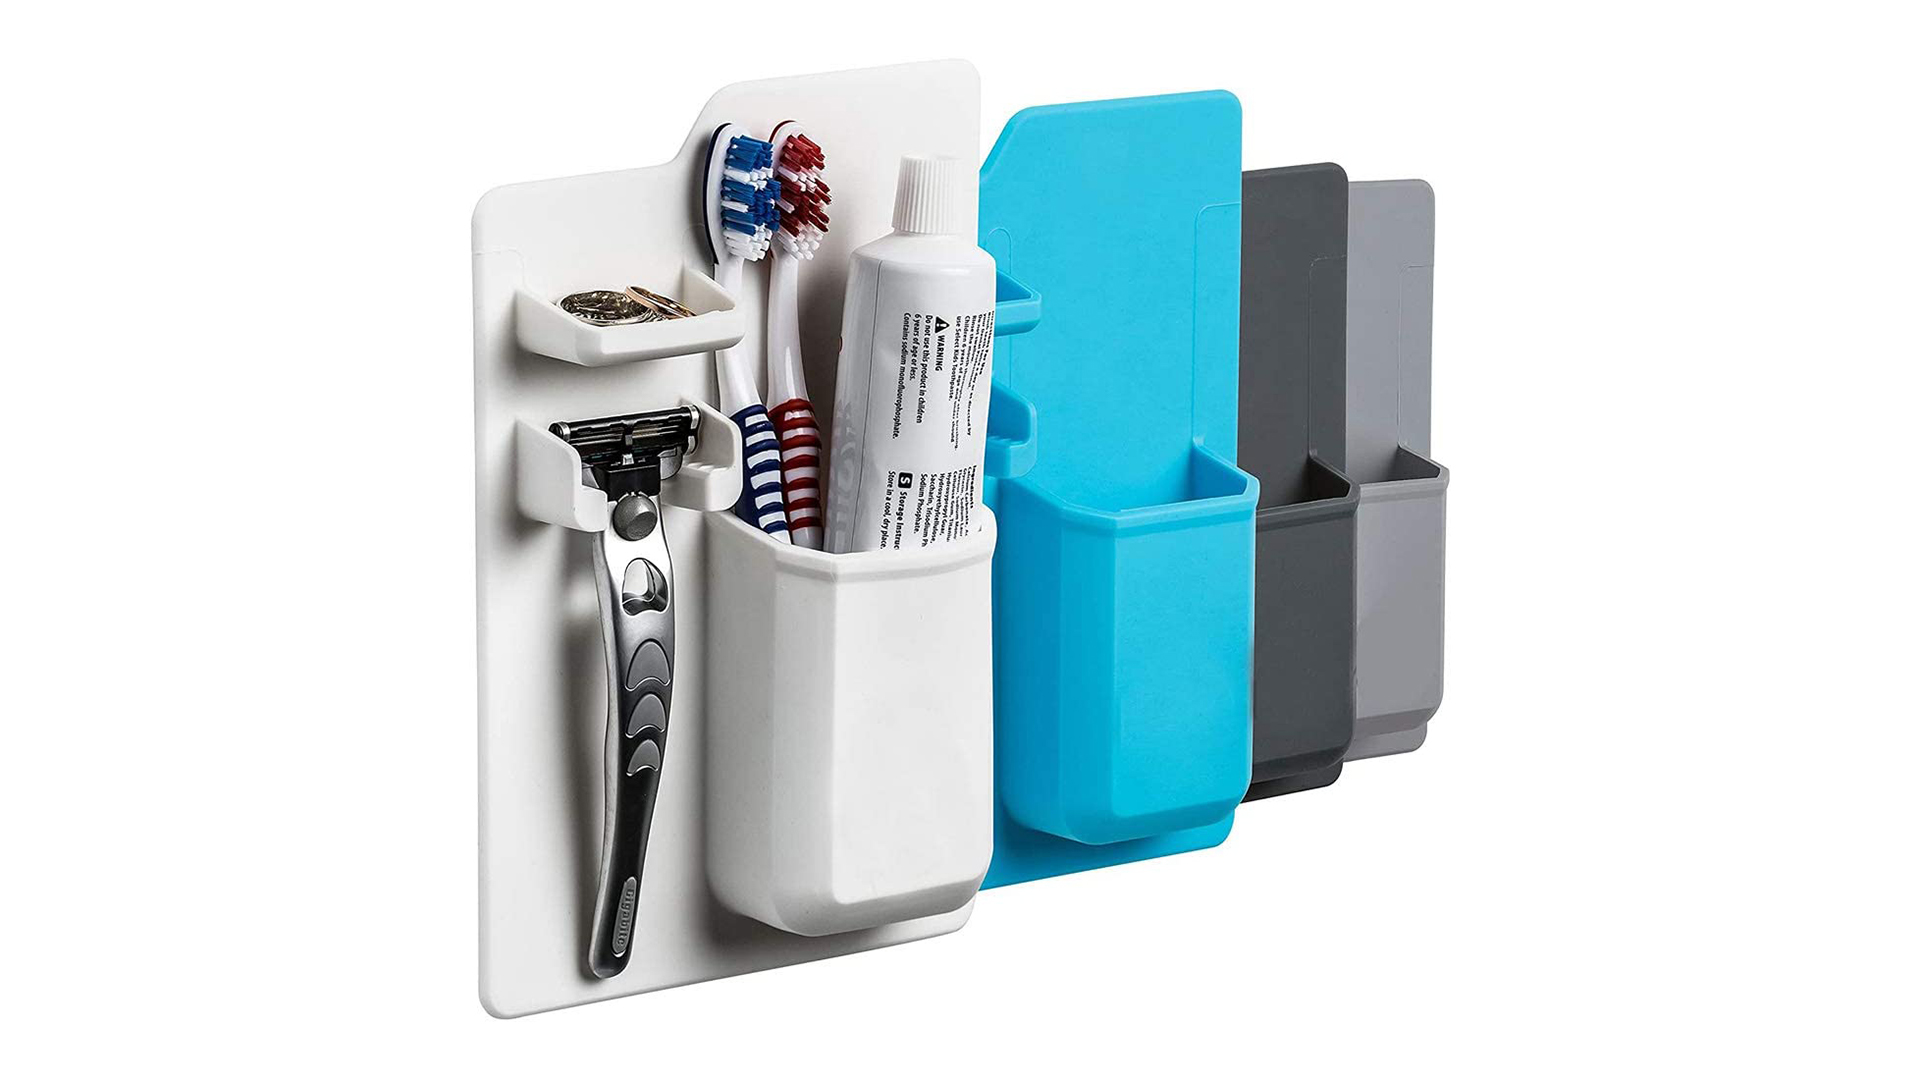 Silikon-Badezimmer-Speicherorganisator Zahnbürstenhalter-Make-up-Küchen-Wandmontierter No-Punch-Selbstabsaugung DH-Silikon